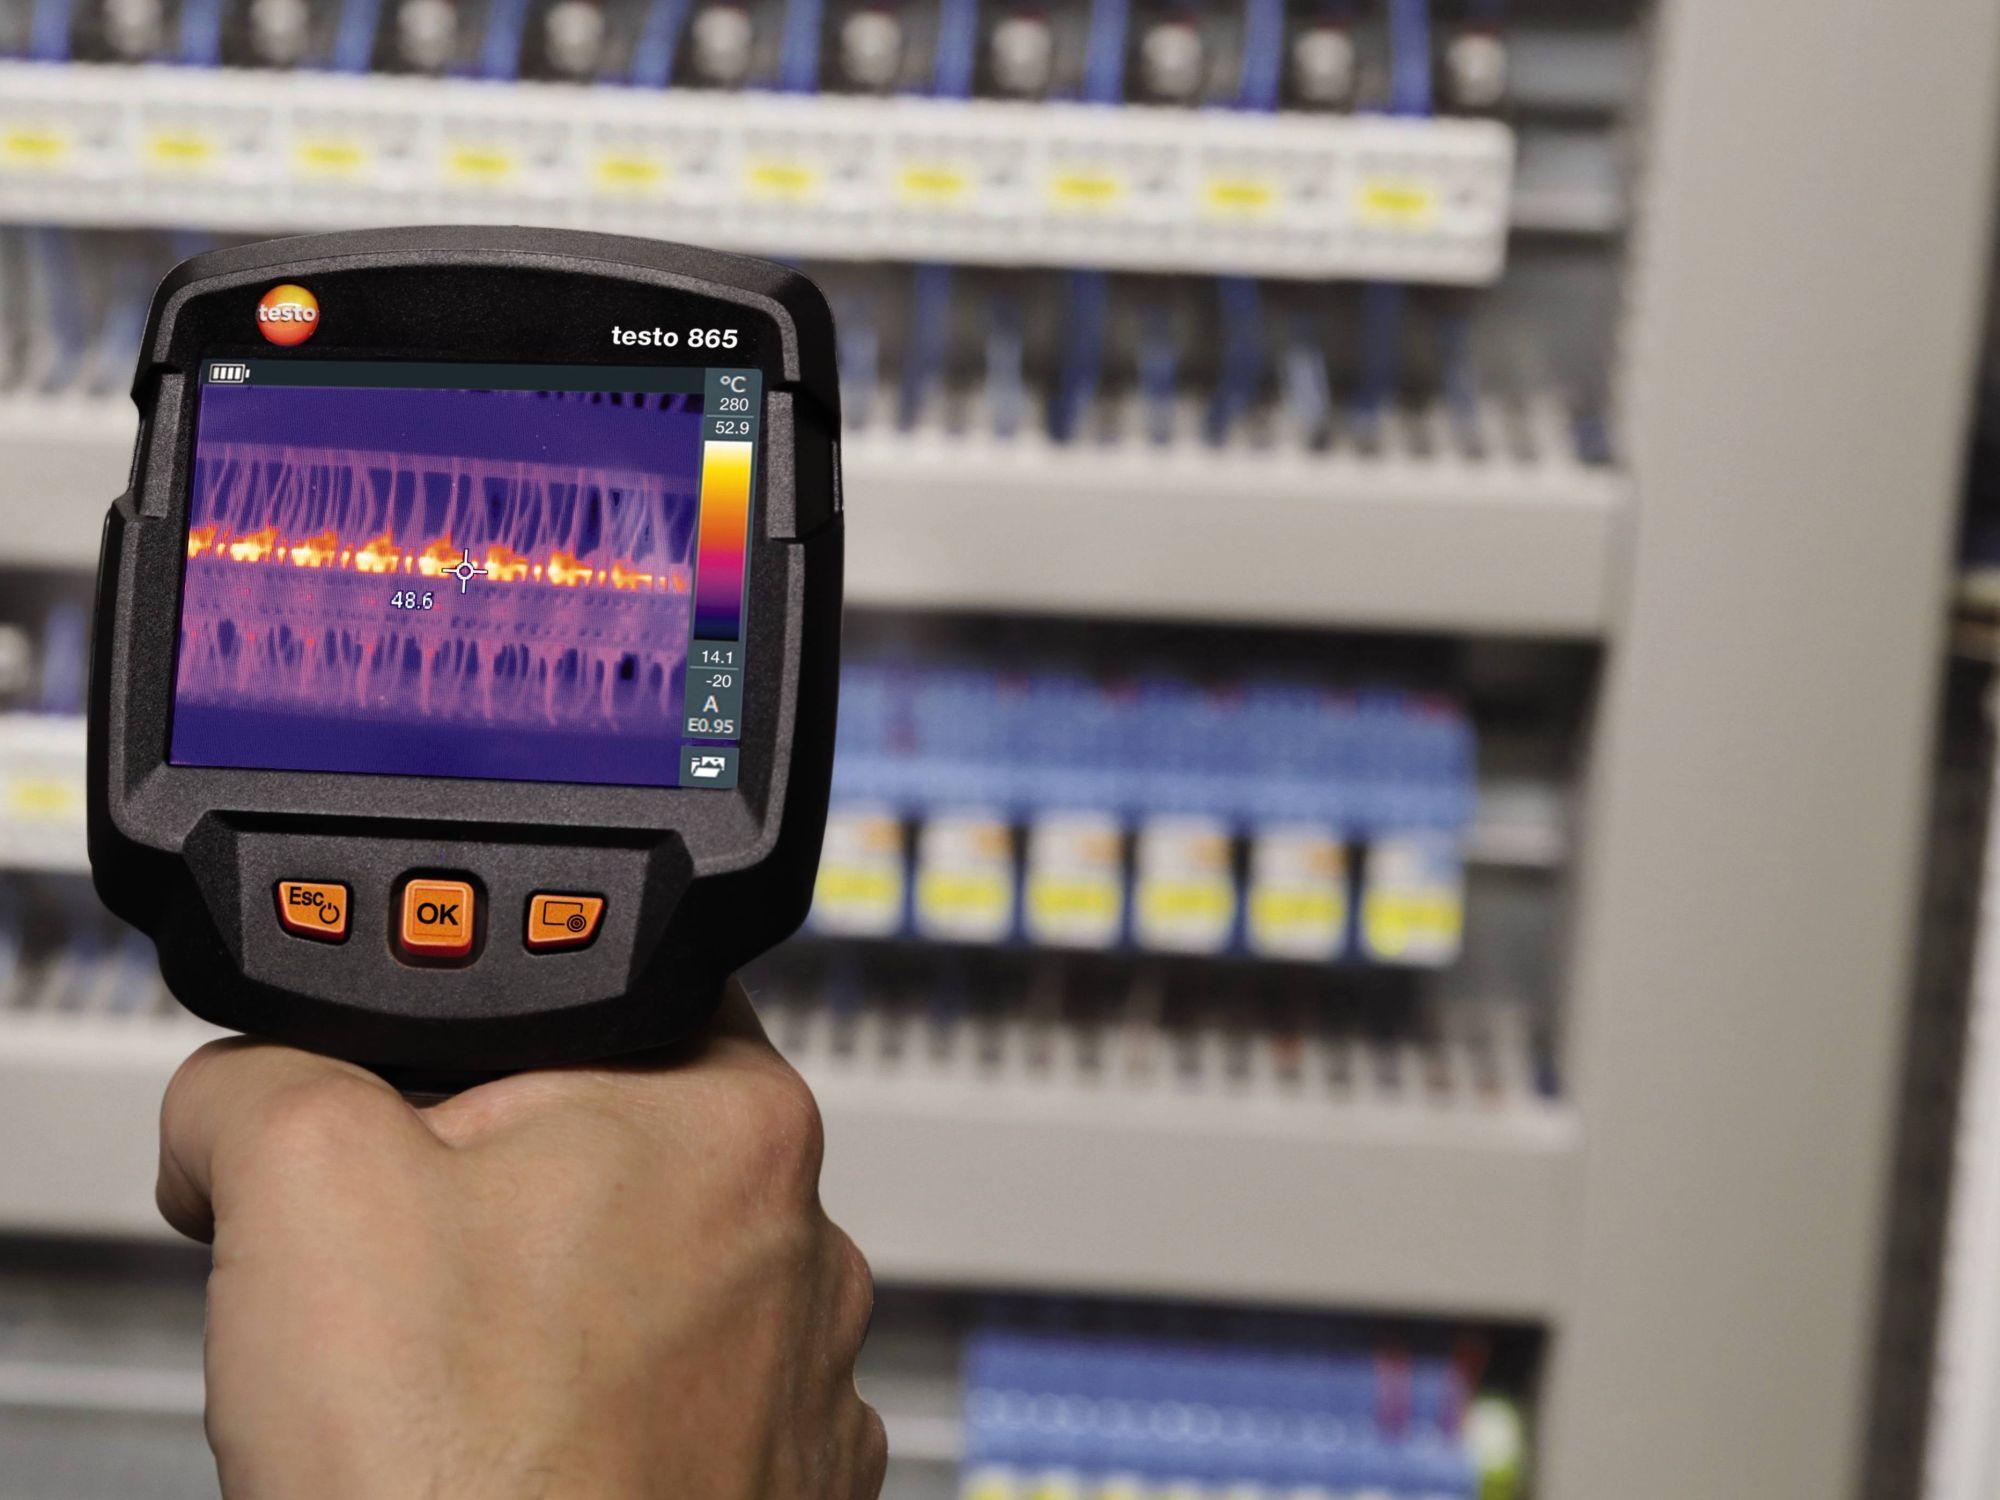 testo 865 Thermal Imaging Camera Part No. 0560 8650 The